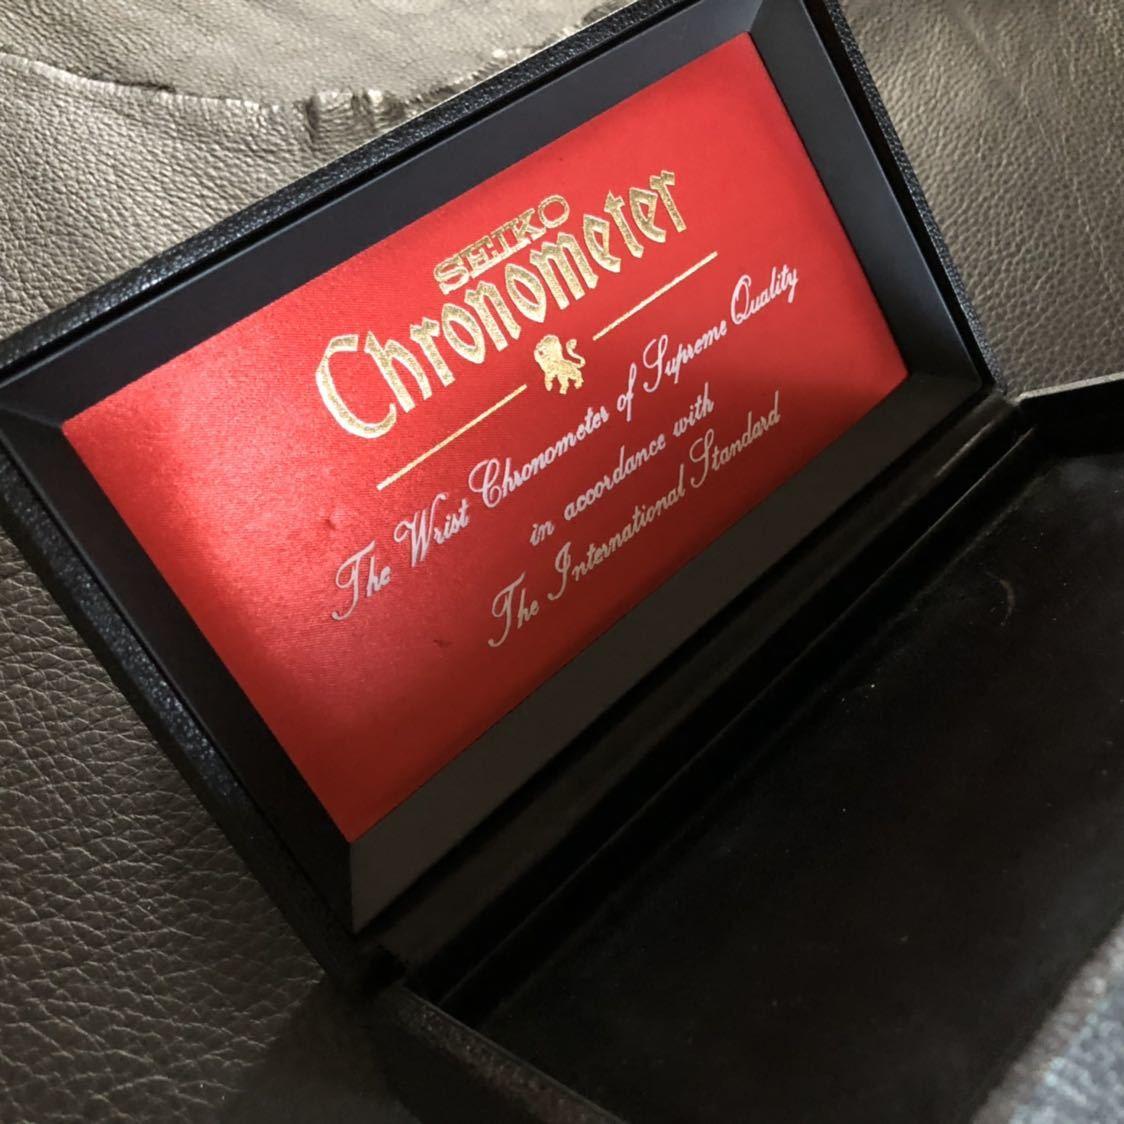 美品 SEIKO クロノメーター専用 腕時計化粧箱 当時物オリジナル品(外箱、敷地シート無し)_画像4